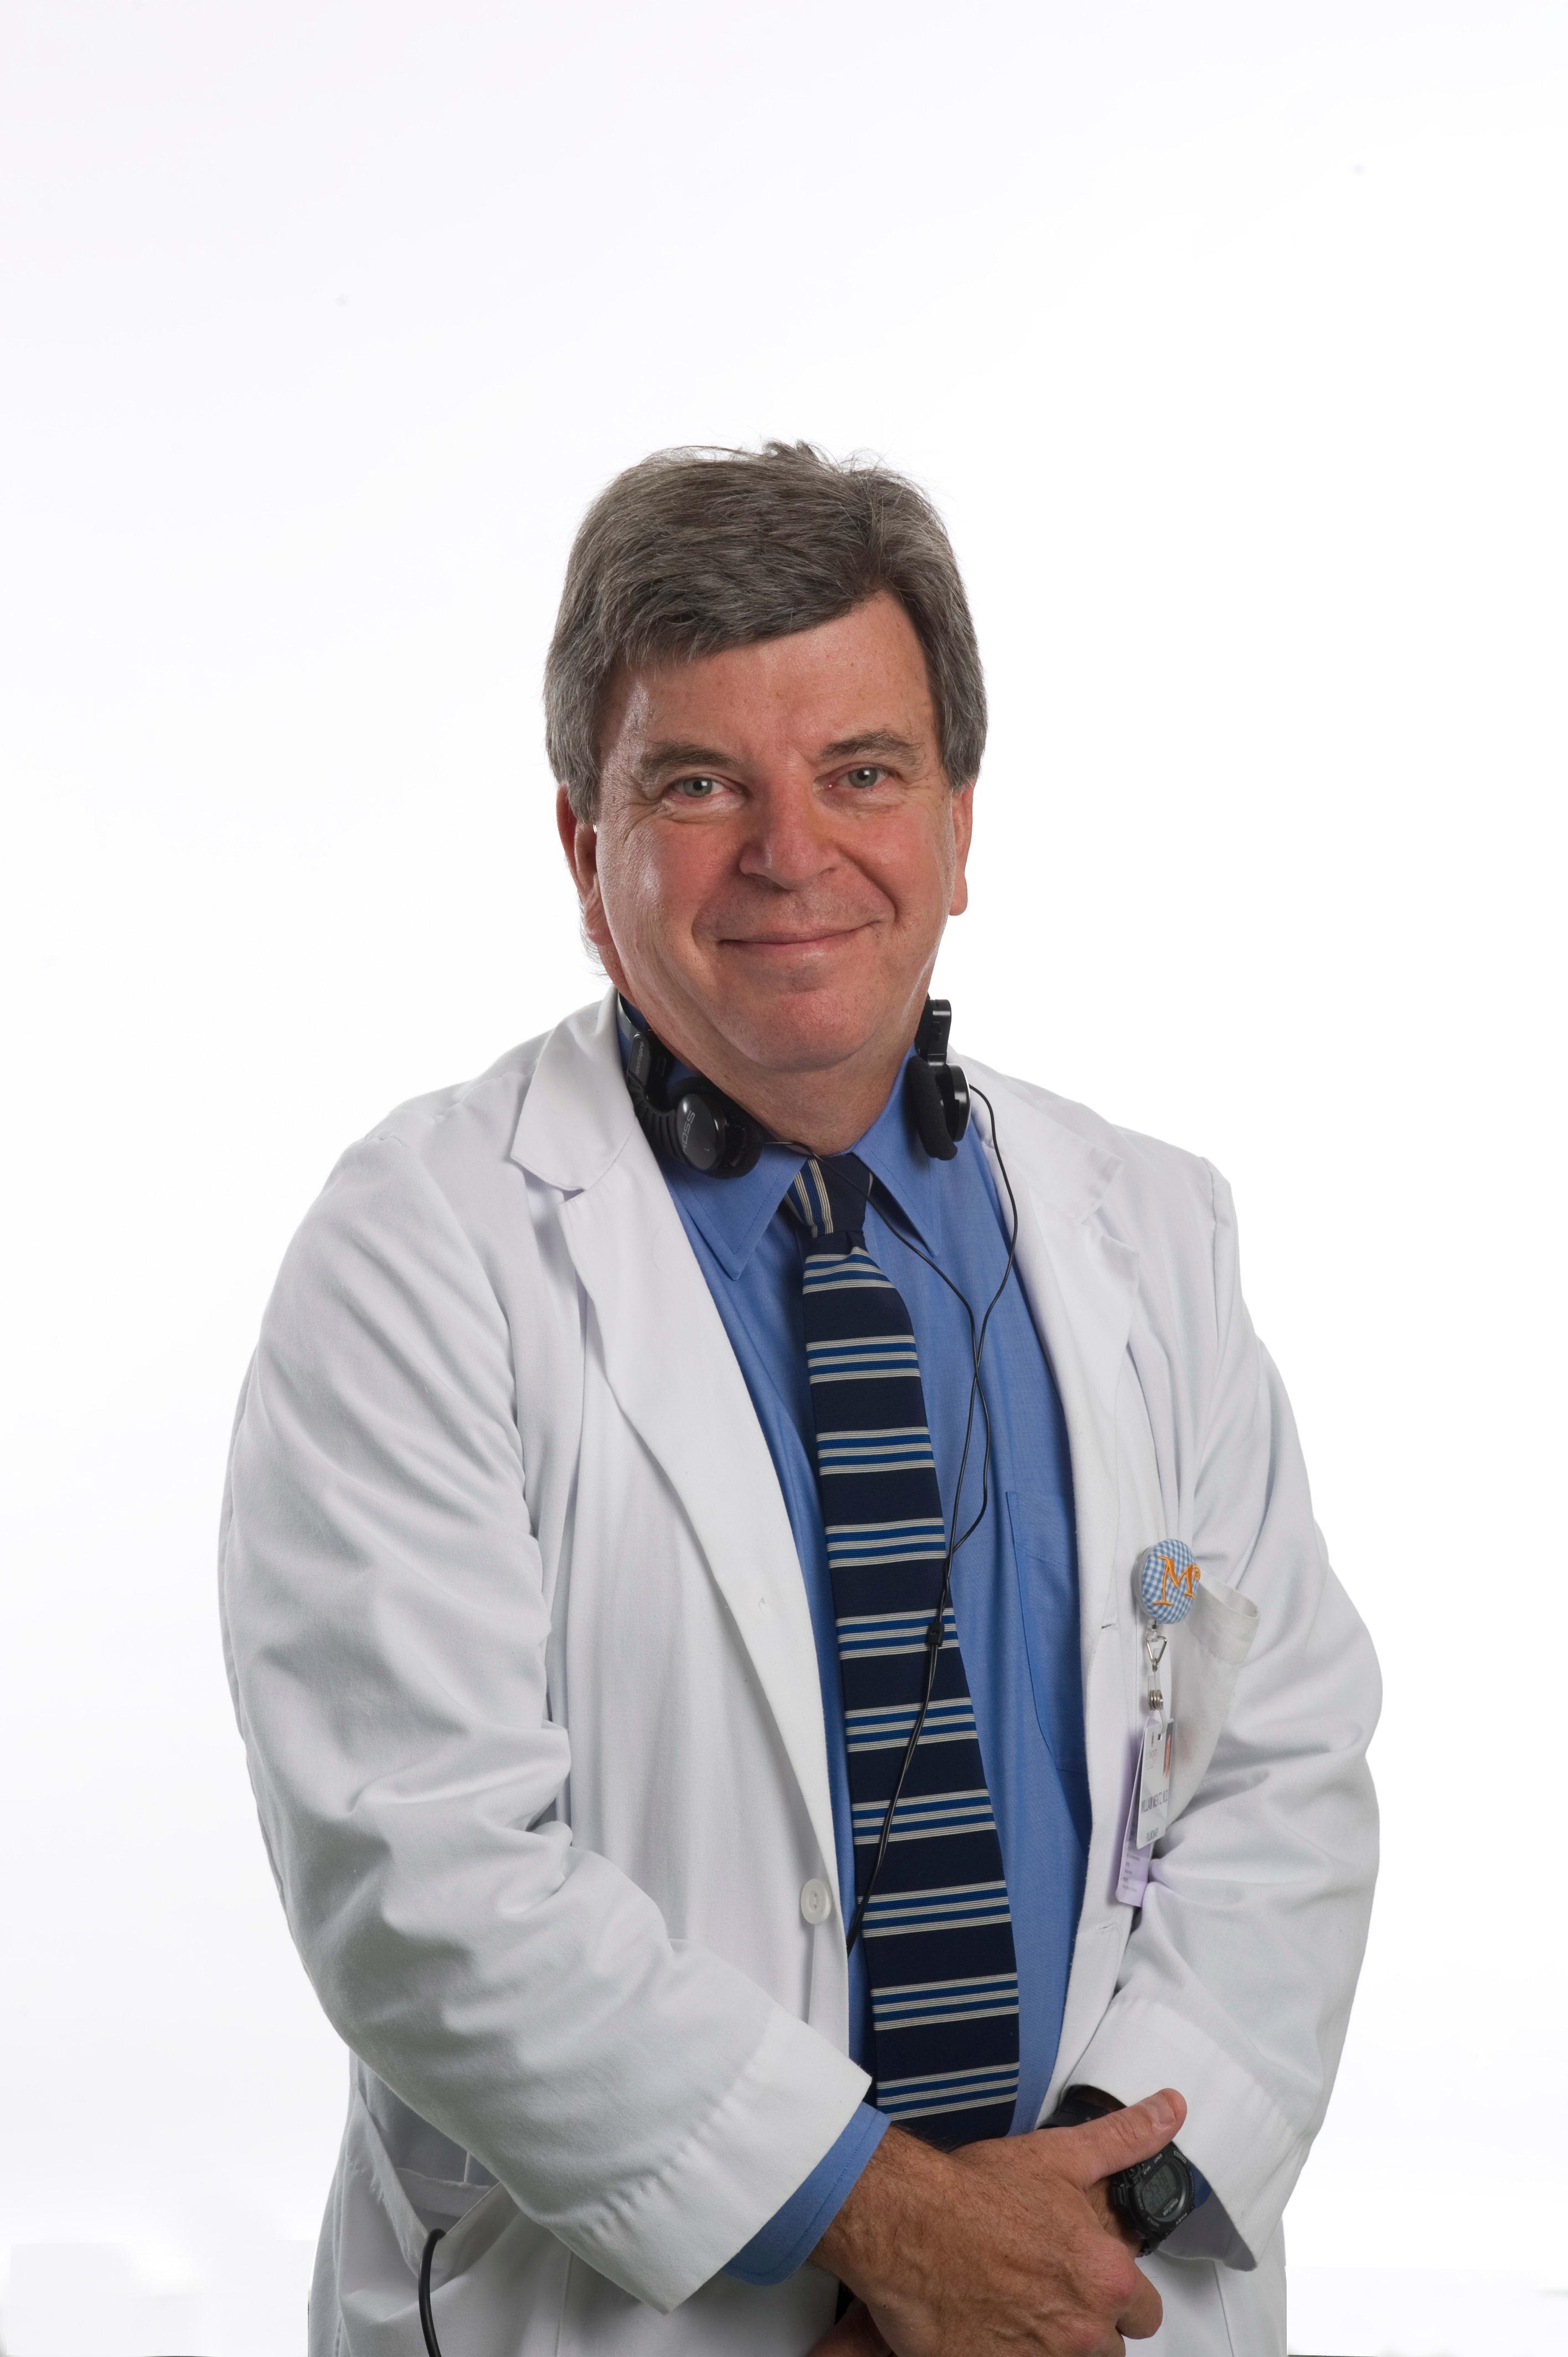 Dr. William M Mentz MD